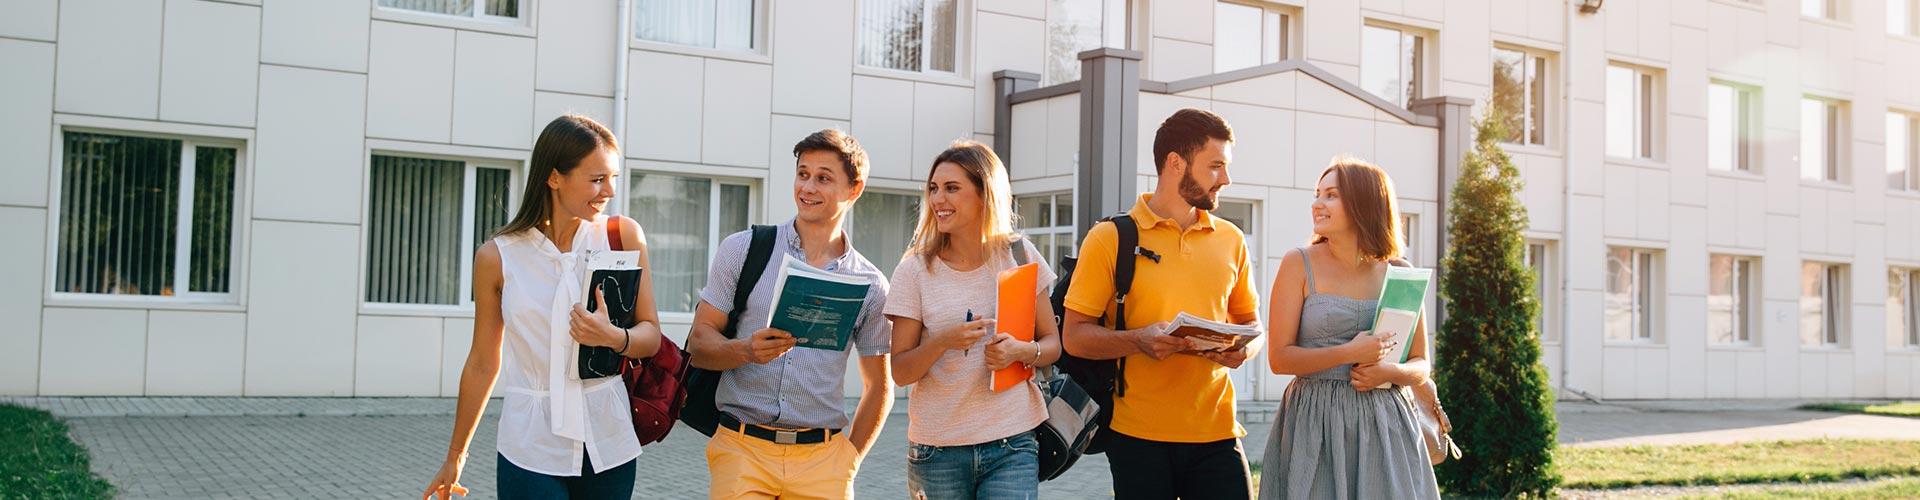 Code promo : -20% sur votre panier ! | Ordinateurs pour la rentrée étudiante 2021